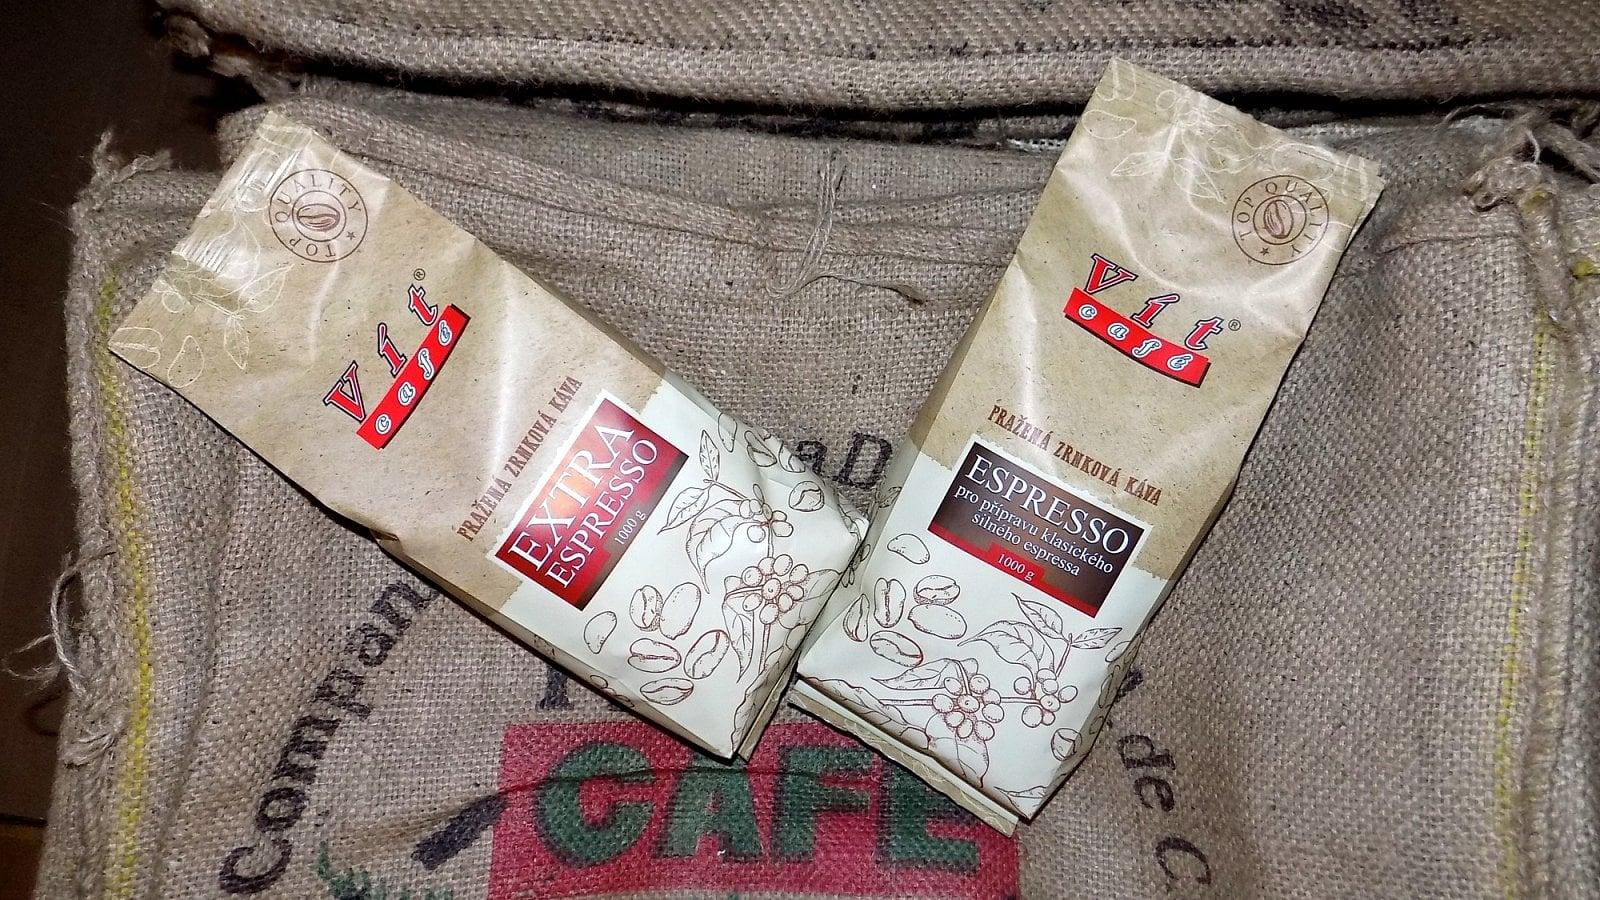 Nahlédněte do provozovny podnikatele s vlastní značkou kávy